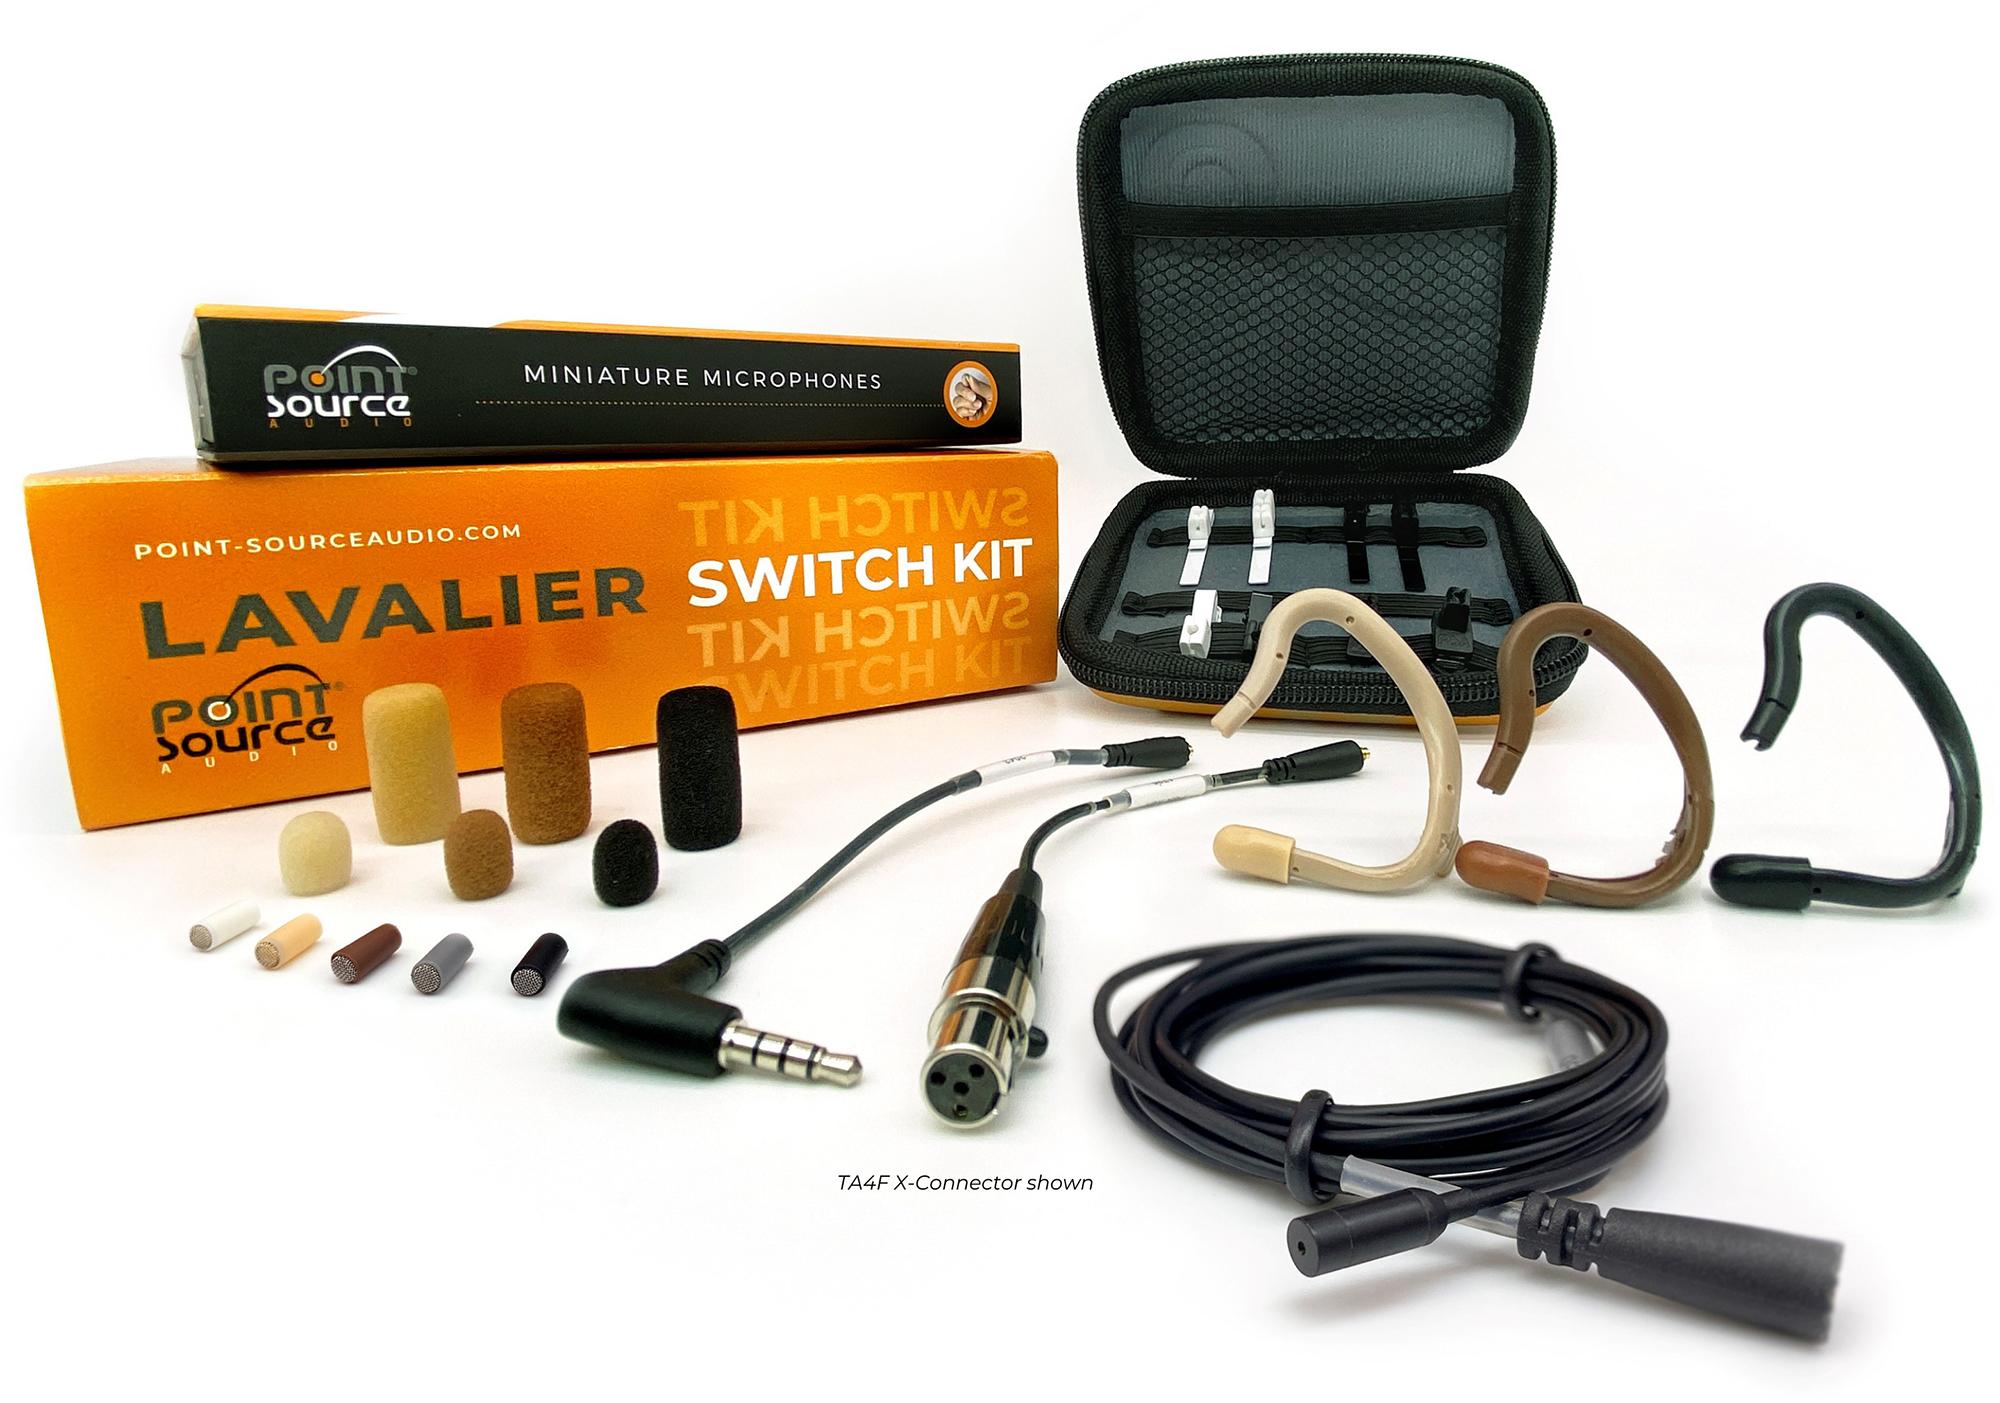 Point Source Audio Switch Kit w/ SERIES8 Omni Low Sens Lav Mic & Accs Set w/ Organizer For Sony Wireless Black CO-8WL-KIT-XSYBL